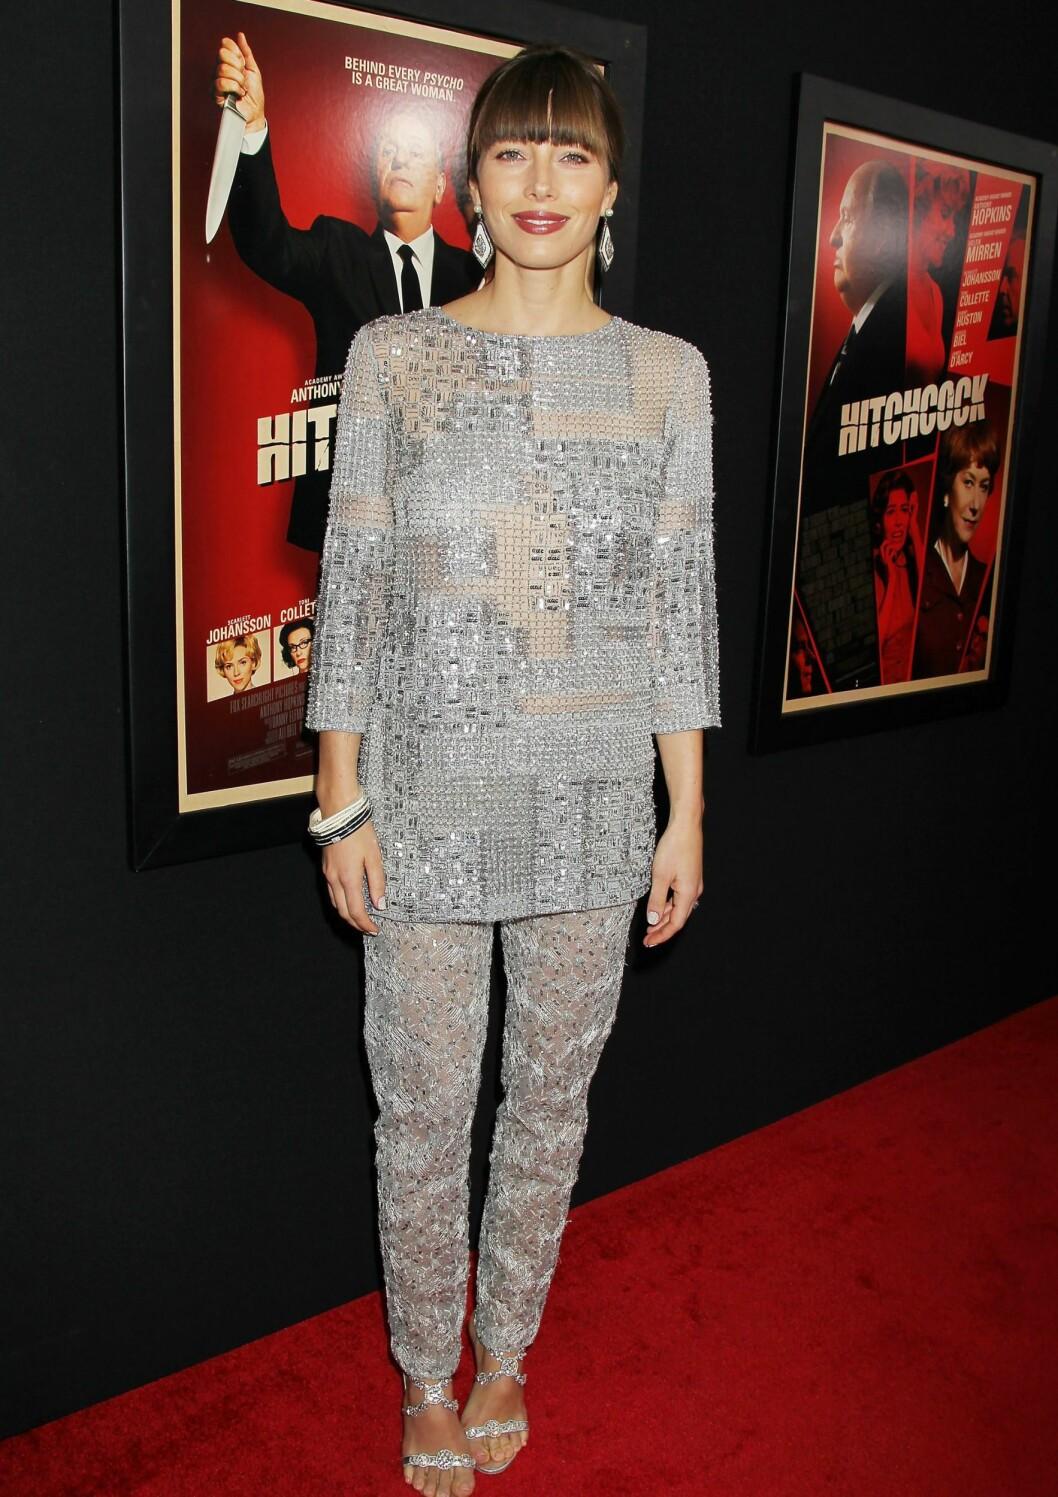 Jessica Biel i en glitrende drakt. Foto: All Over Press